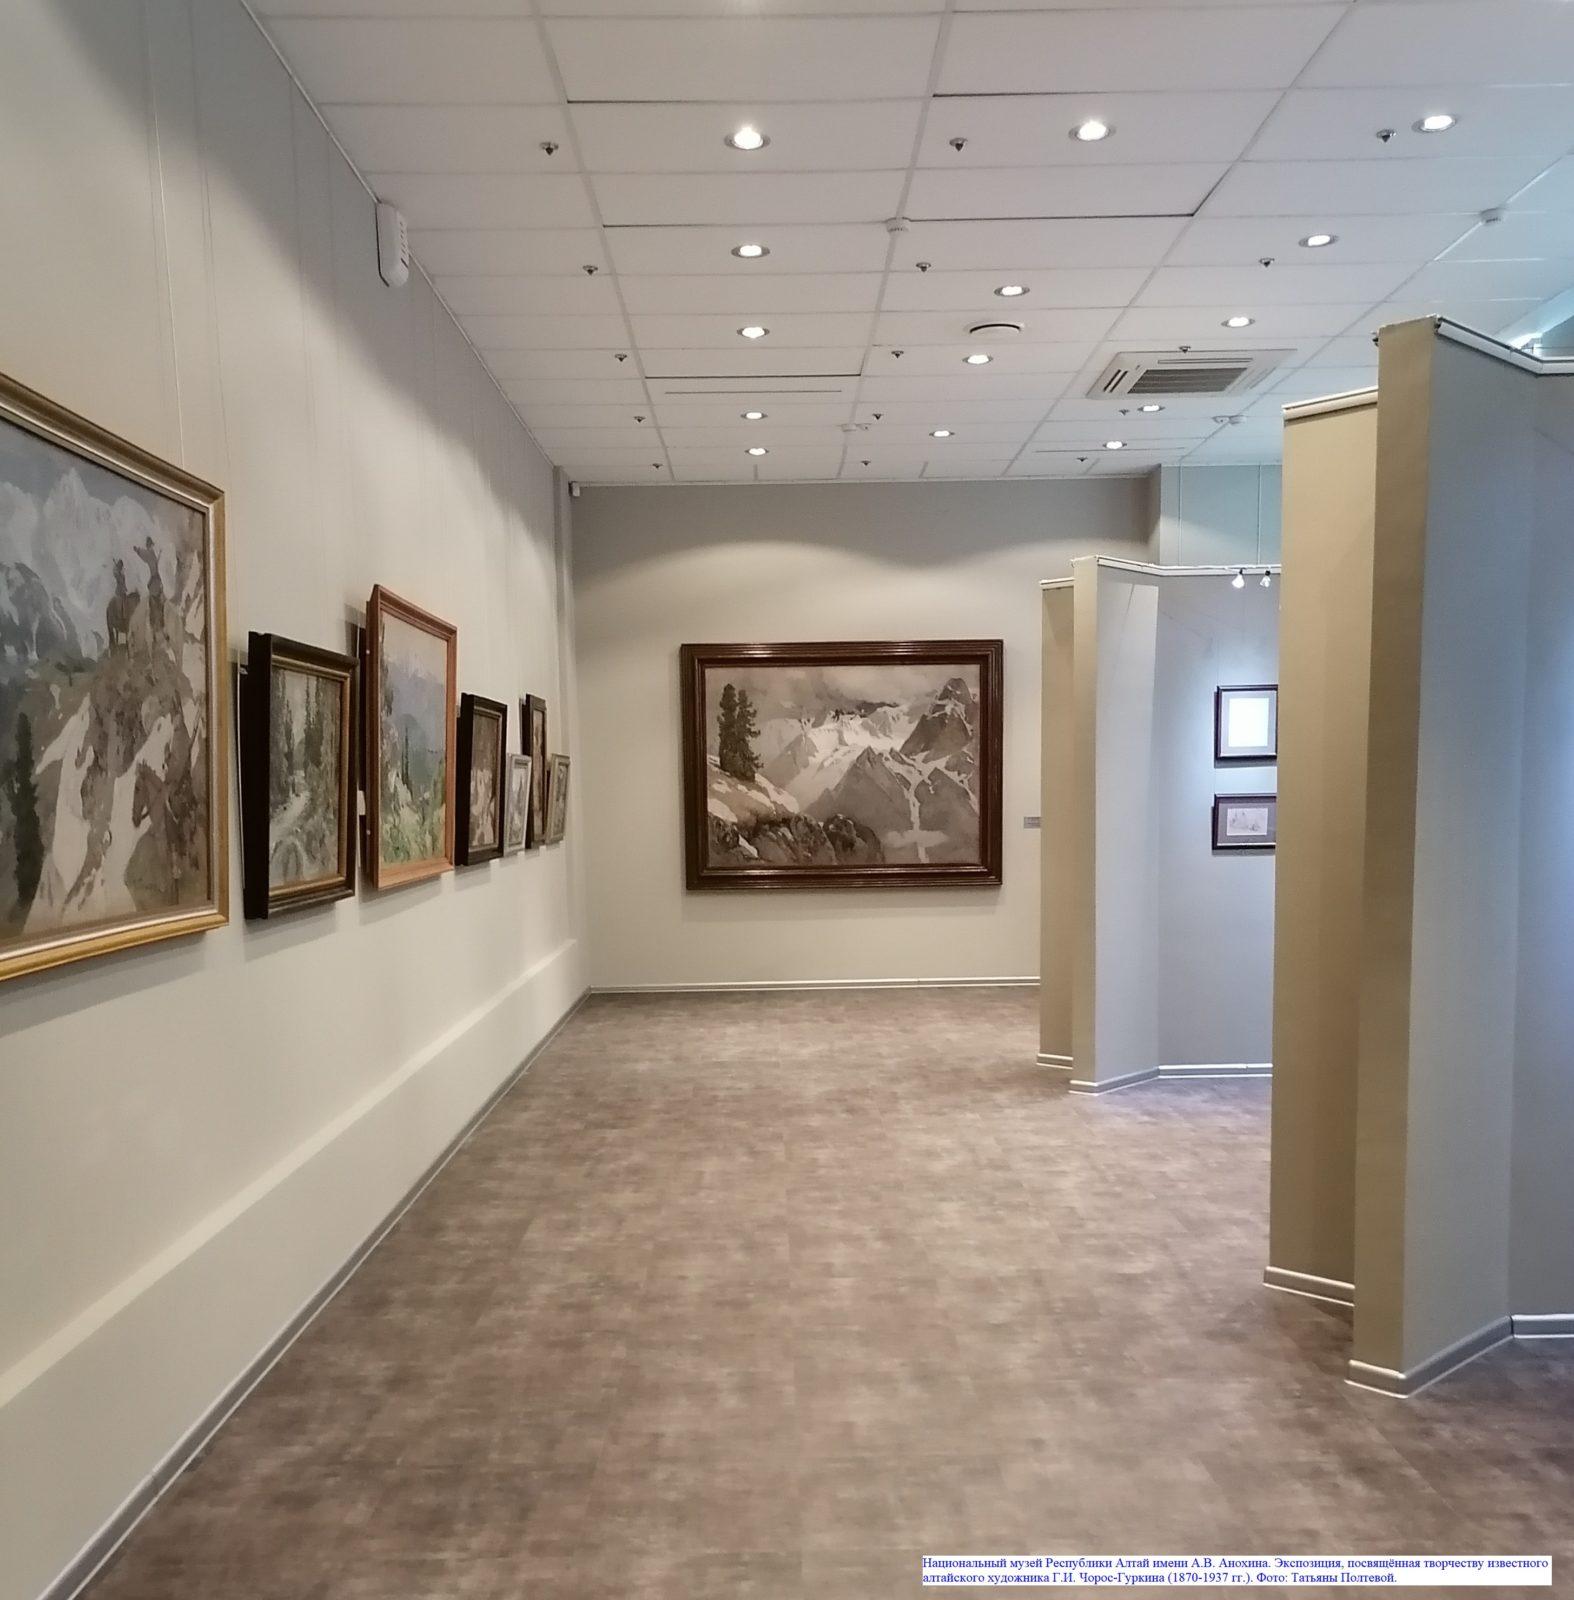 Национальный музей Республики Алтай имени А.В. Анохина. Экспозиция, посвящённая творчеству известного алтайского художника Г.И. Чорос-Гуркина (1870-1937 гг.).